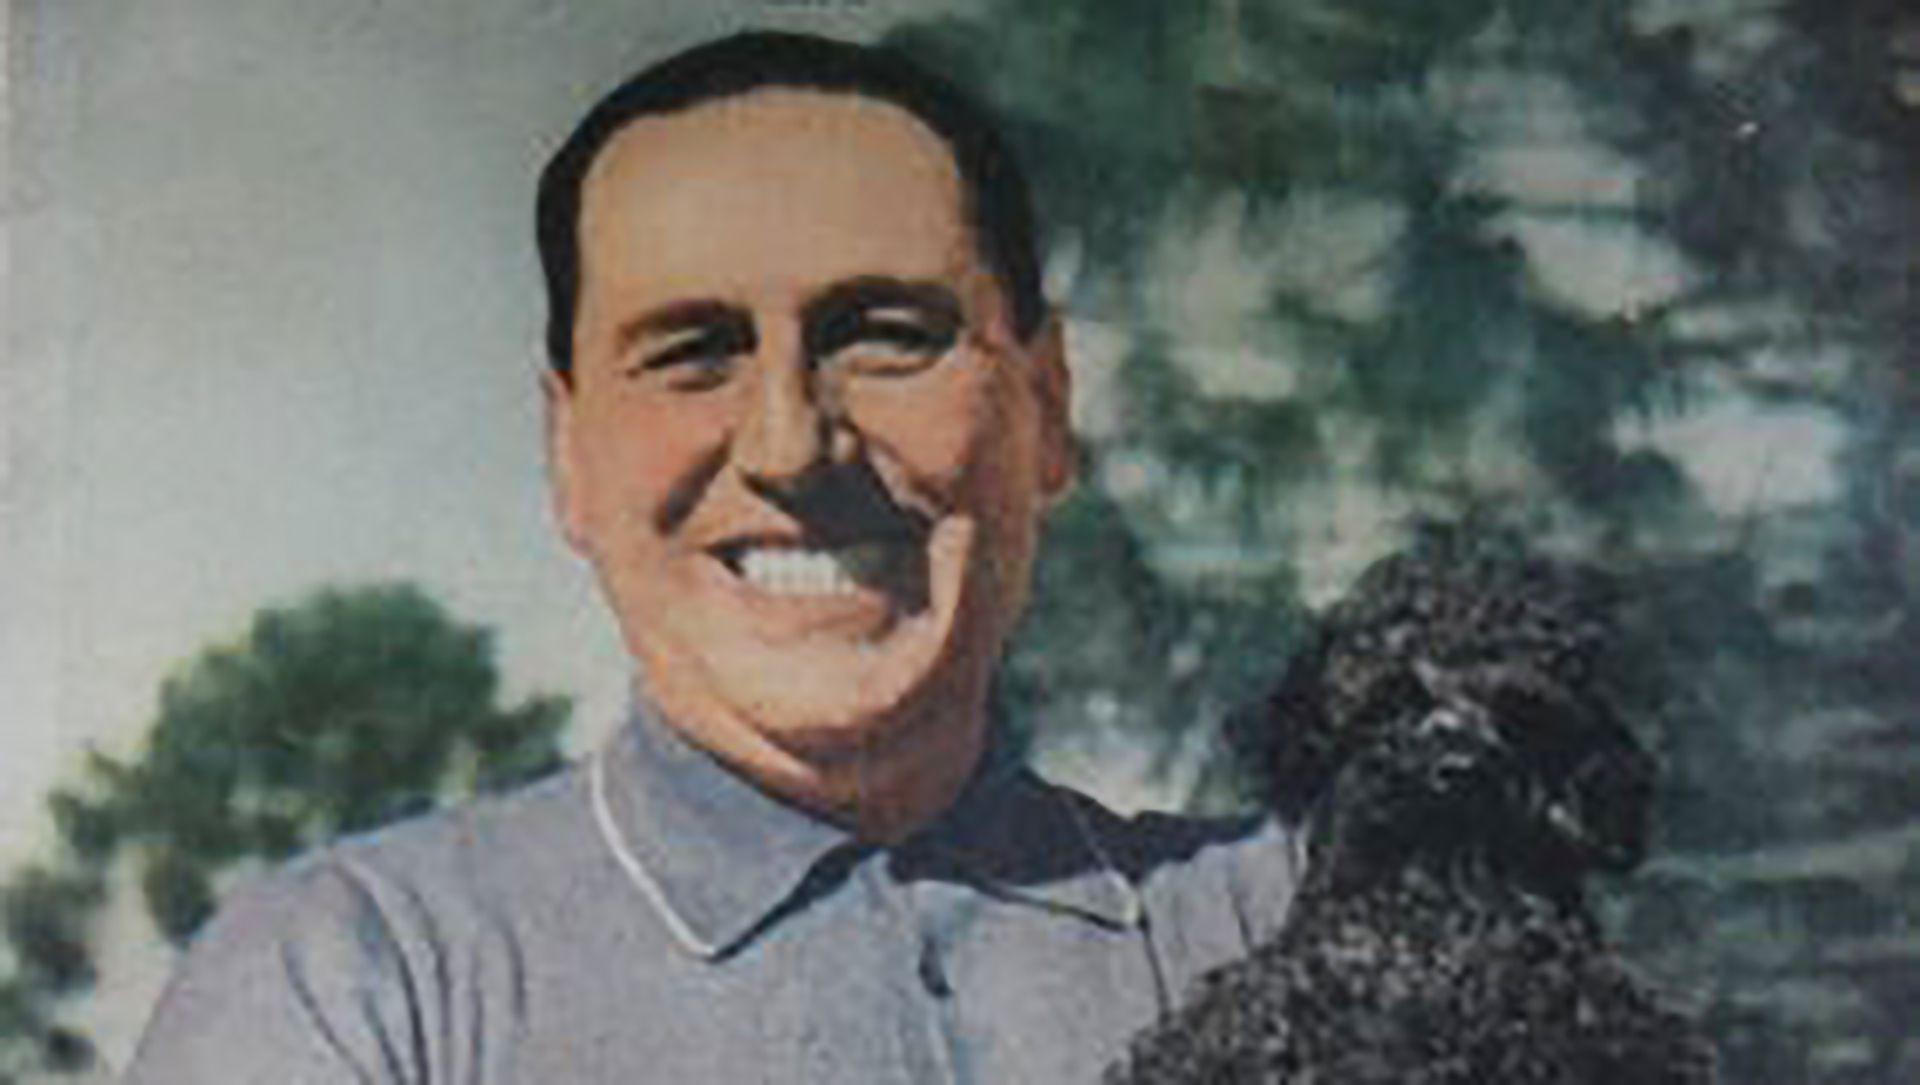 El ex presidente junto a uno de sus caniches